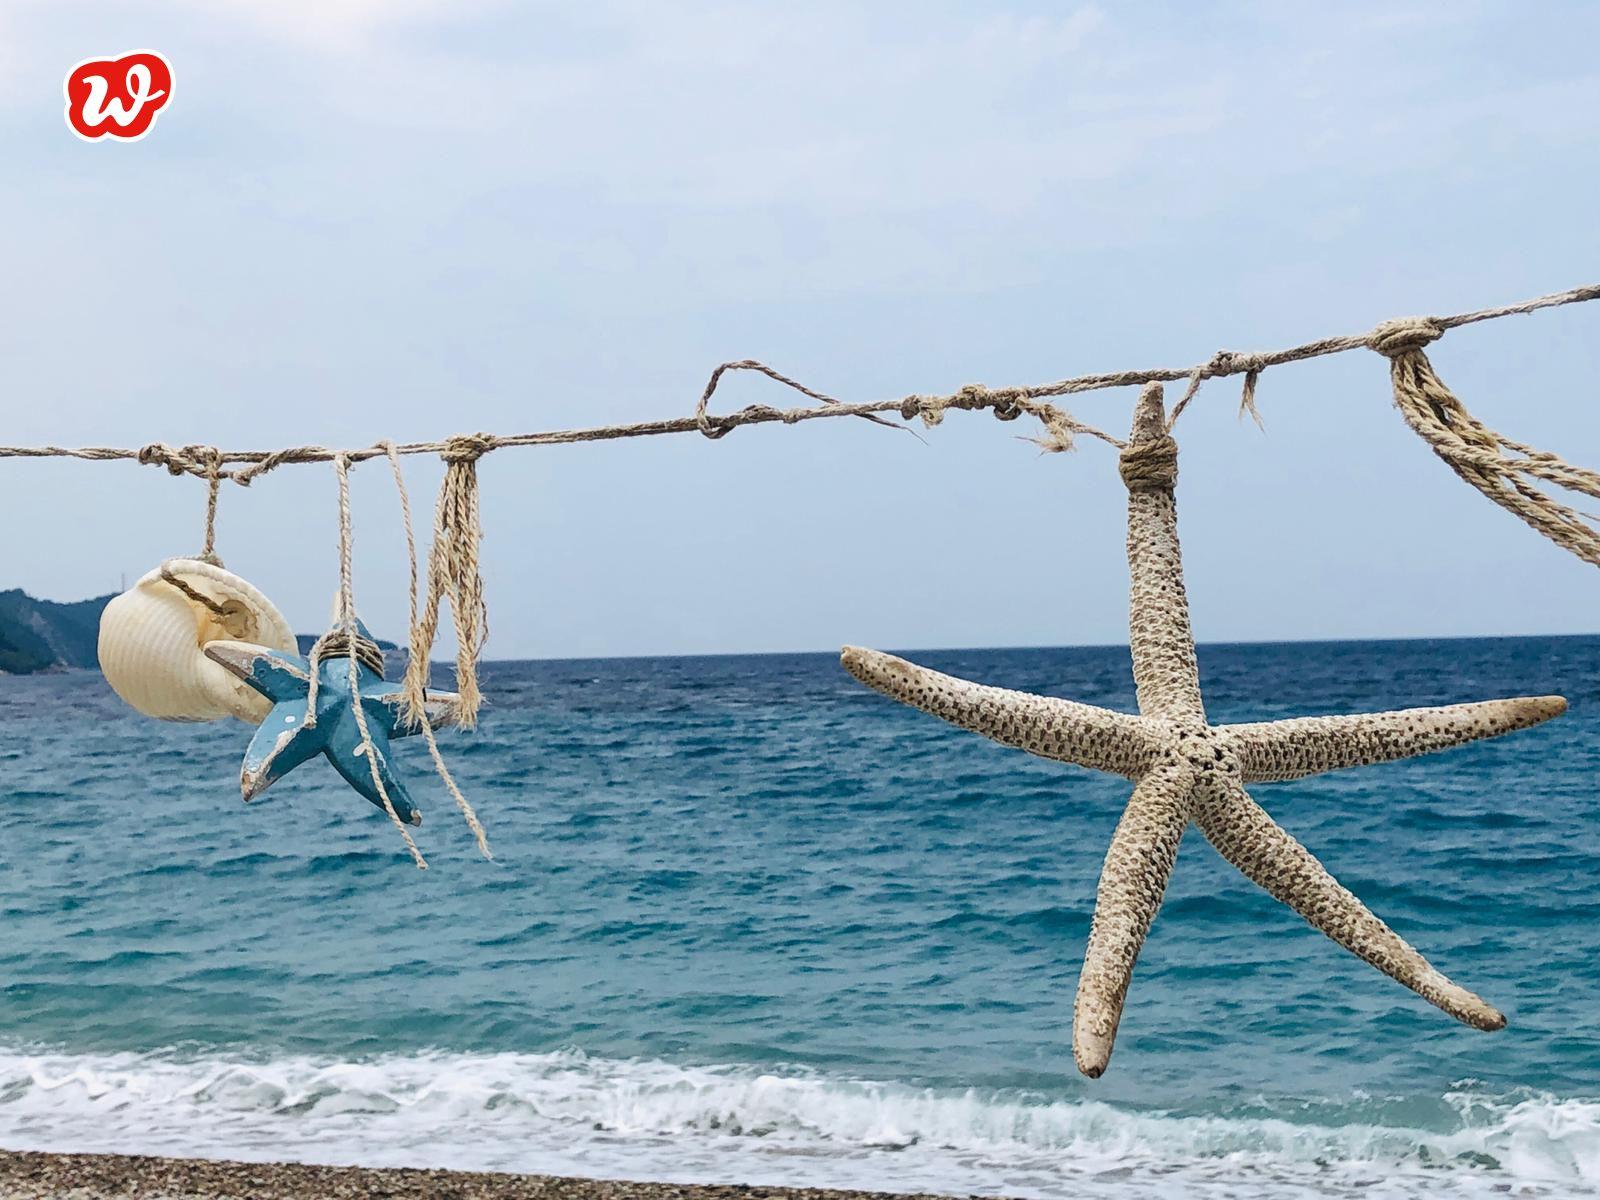 Seesterne, Sommer, Strand, Urlaub, Glücksmomente sammeln